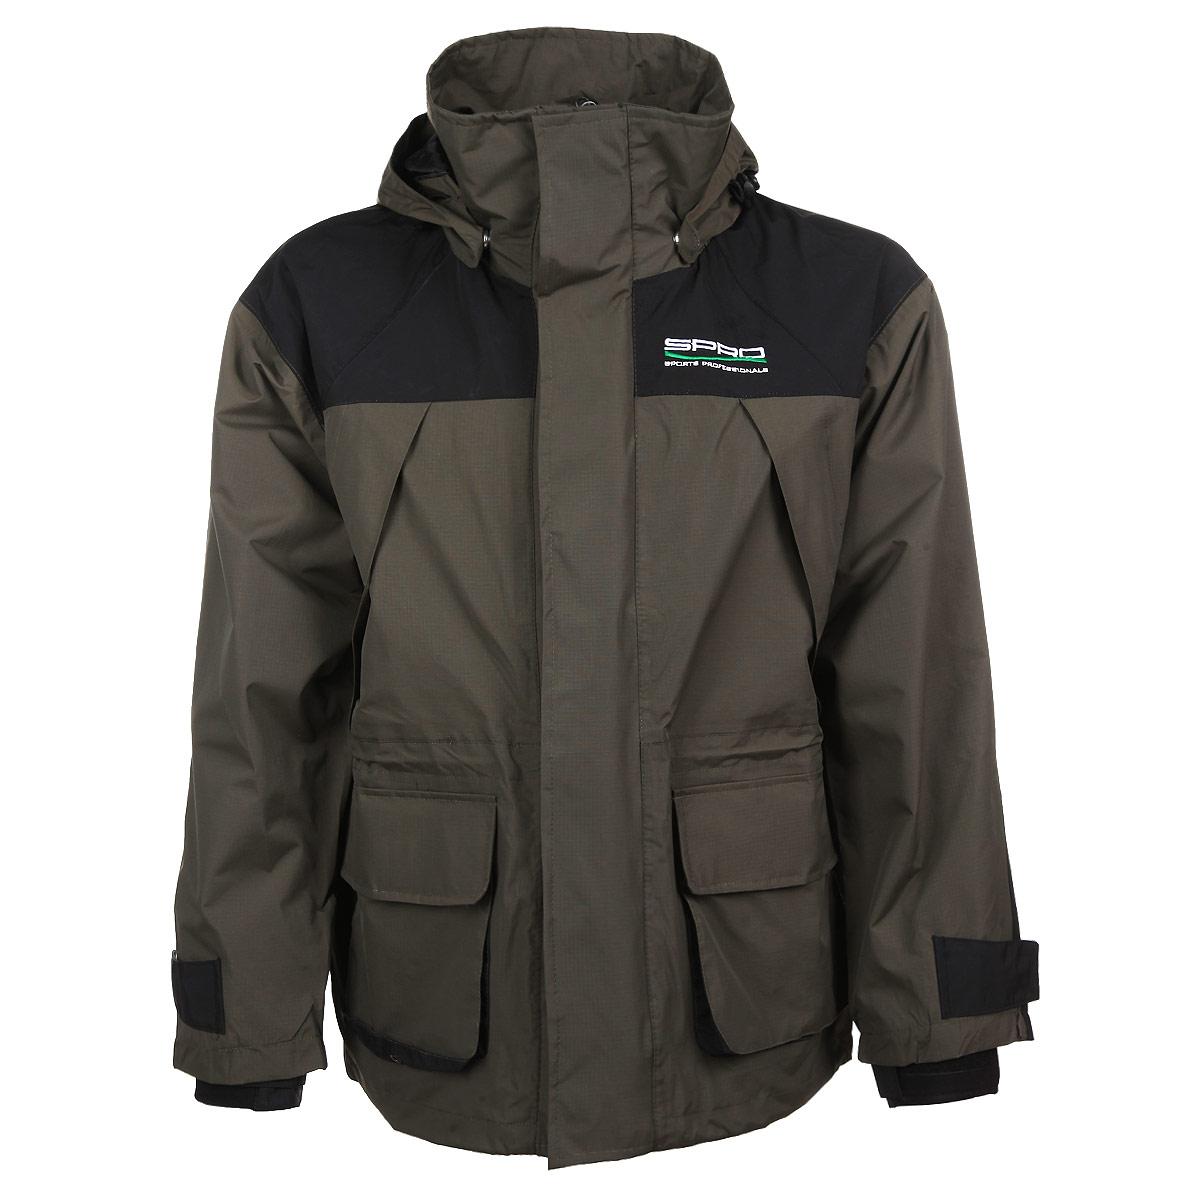 Куртка рыболовная0044110Мужская куртка SPRO - идеальный вариант для рыбалки. Куртка выполнена из плотной ветро-влагозащитной ткани на сетчатой подкладке. Куртка с воротником-стойкой и капюшоном застегивается на пластиковую застежку-молнию и дополнительно на ветрозащитный клапан на липучках. Капюшон крепится к куртке при помощи кнопок и дополнен скрытой резинкой на стопперах. При необходимости капюшон можно отстегнуть. Спереди модель дополнена двумя вместительными накладными карманами с клапанами на липучка и двумя скрытыми нагрудными карманами на молниях. На внутренней стороне - два потайных кармана на молниях. Куртка имеет скрытую кулиску на талии. Рукава оснащены вшитыми эластичными манжетами, защищающими от продувания и регулируются при помощи хлястиков на липучках. Низ модели дополнен скрытой резинкой на стопперах. Такая куртка обеспечит вам надежную защиту, а также подарит тепло и комфорт в любой ситуации.